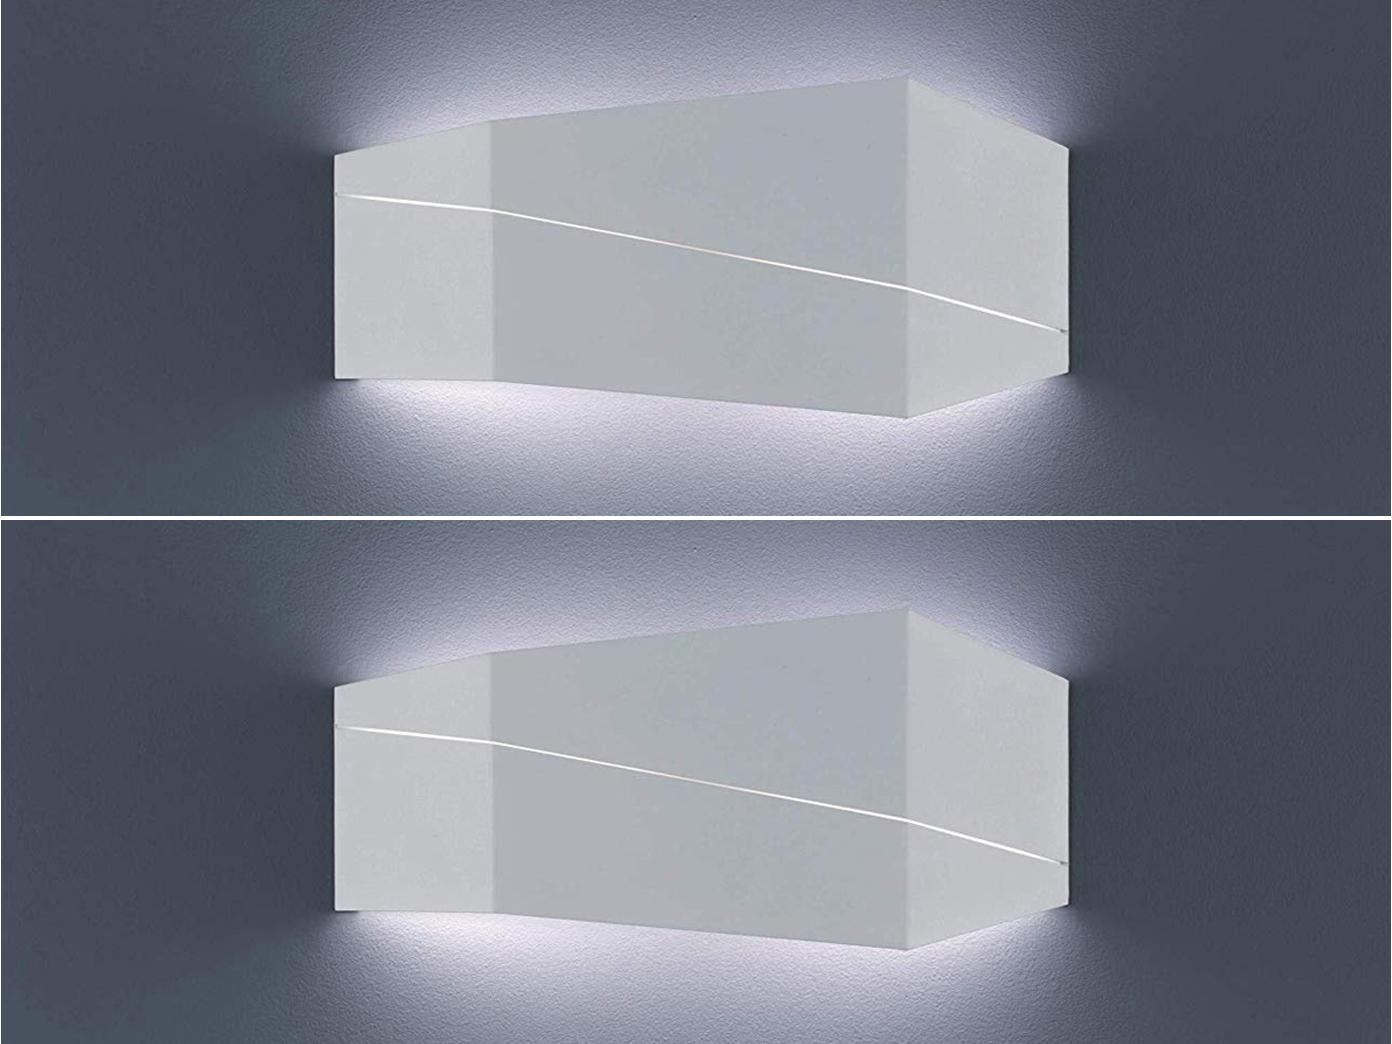 2er SET Wandbeleuchtung In Weiß Matt Für Wohnzimmer, Modernes Flurlicht  40x18cm 1 ...